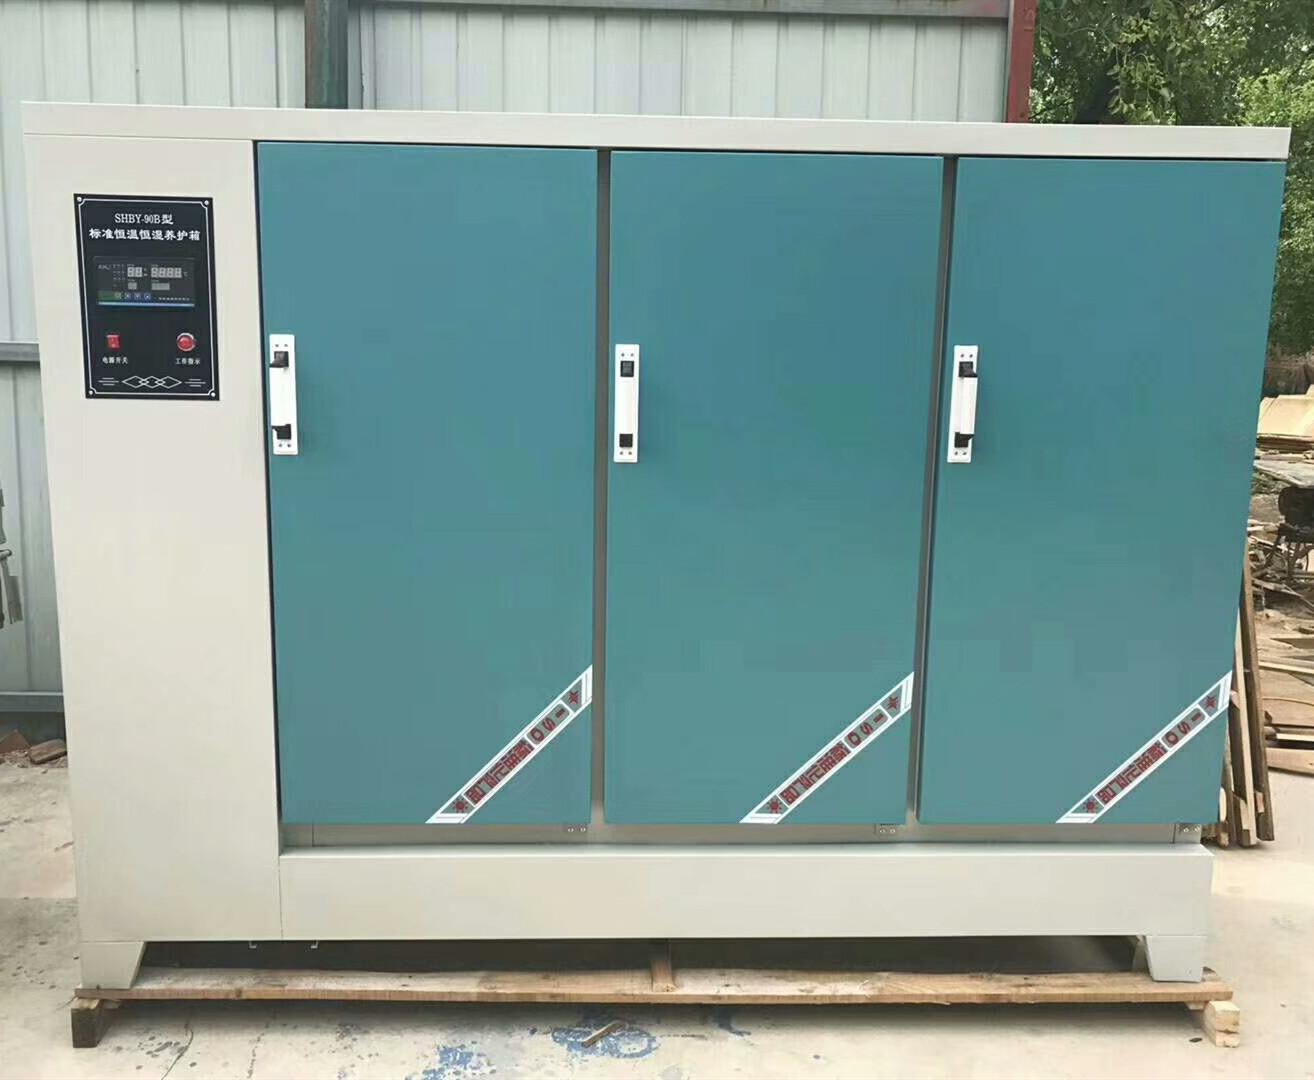 60组标准养护箱-雄安新区恒温恒湿养护箱-郑州恒温恒湿养护箱